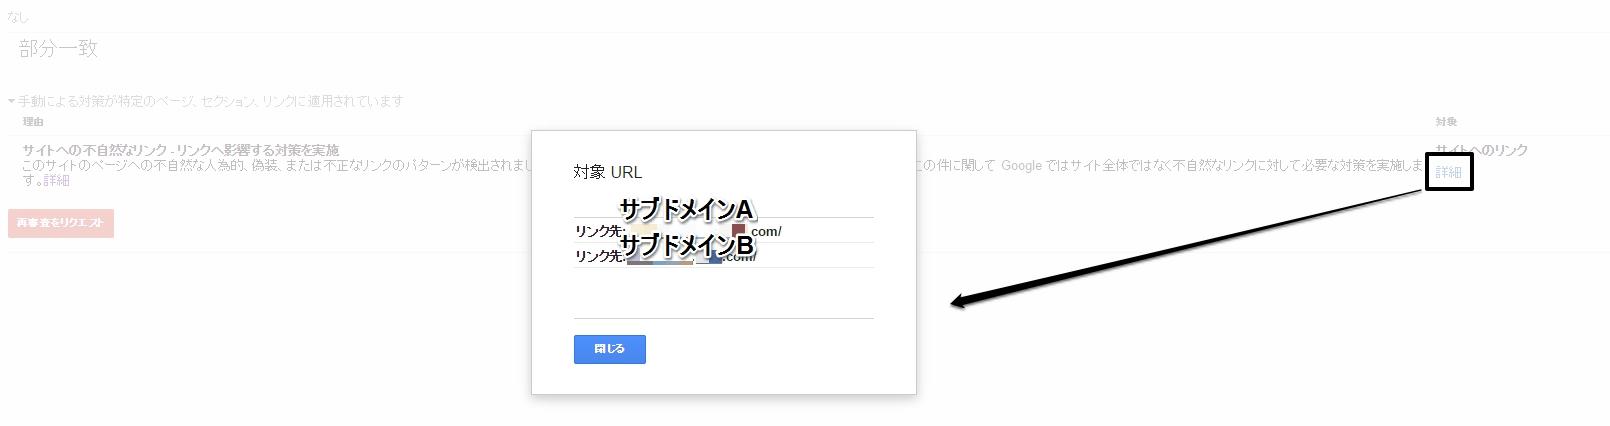 サイトへのリンク「詳細」